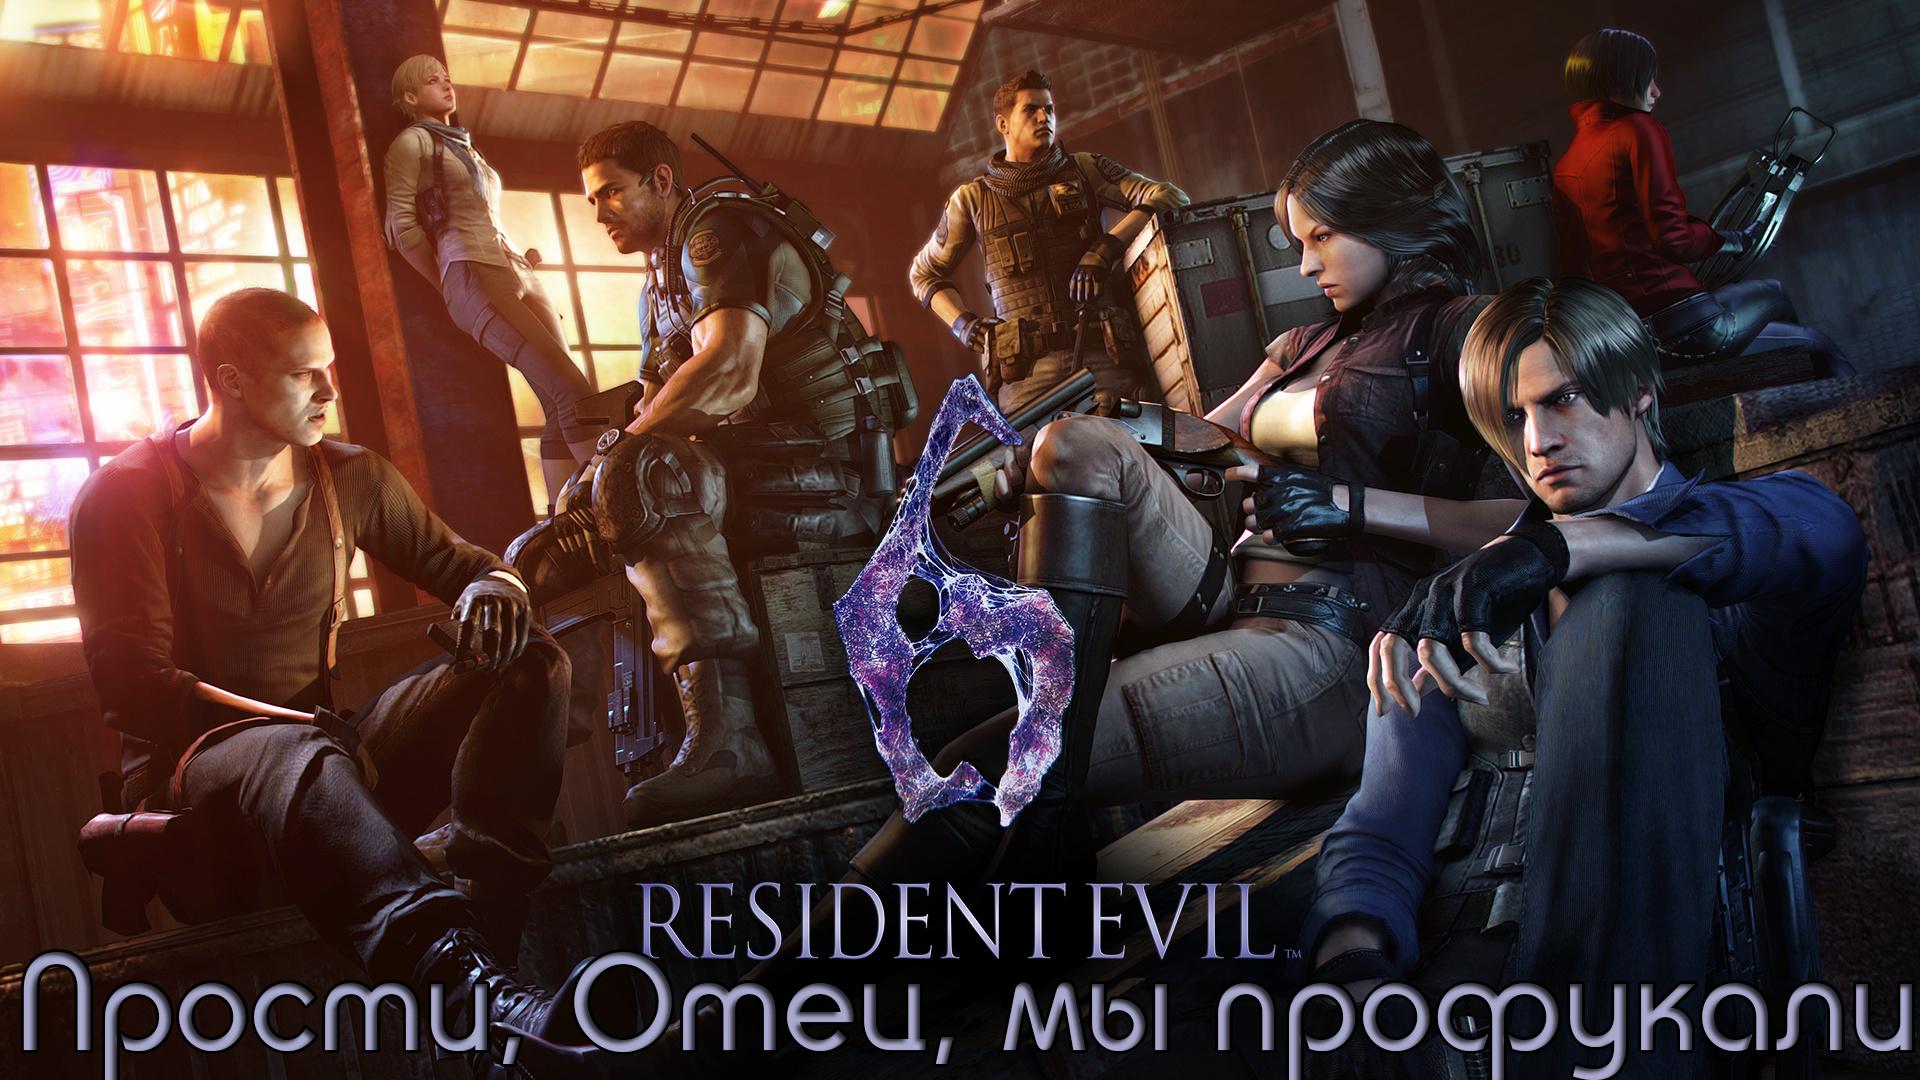 Прости, Отец, мы профукали Resident Evil 6  [часть 1] . - Изображение 1